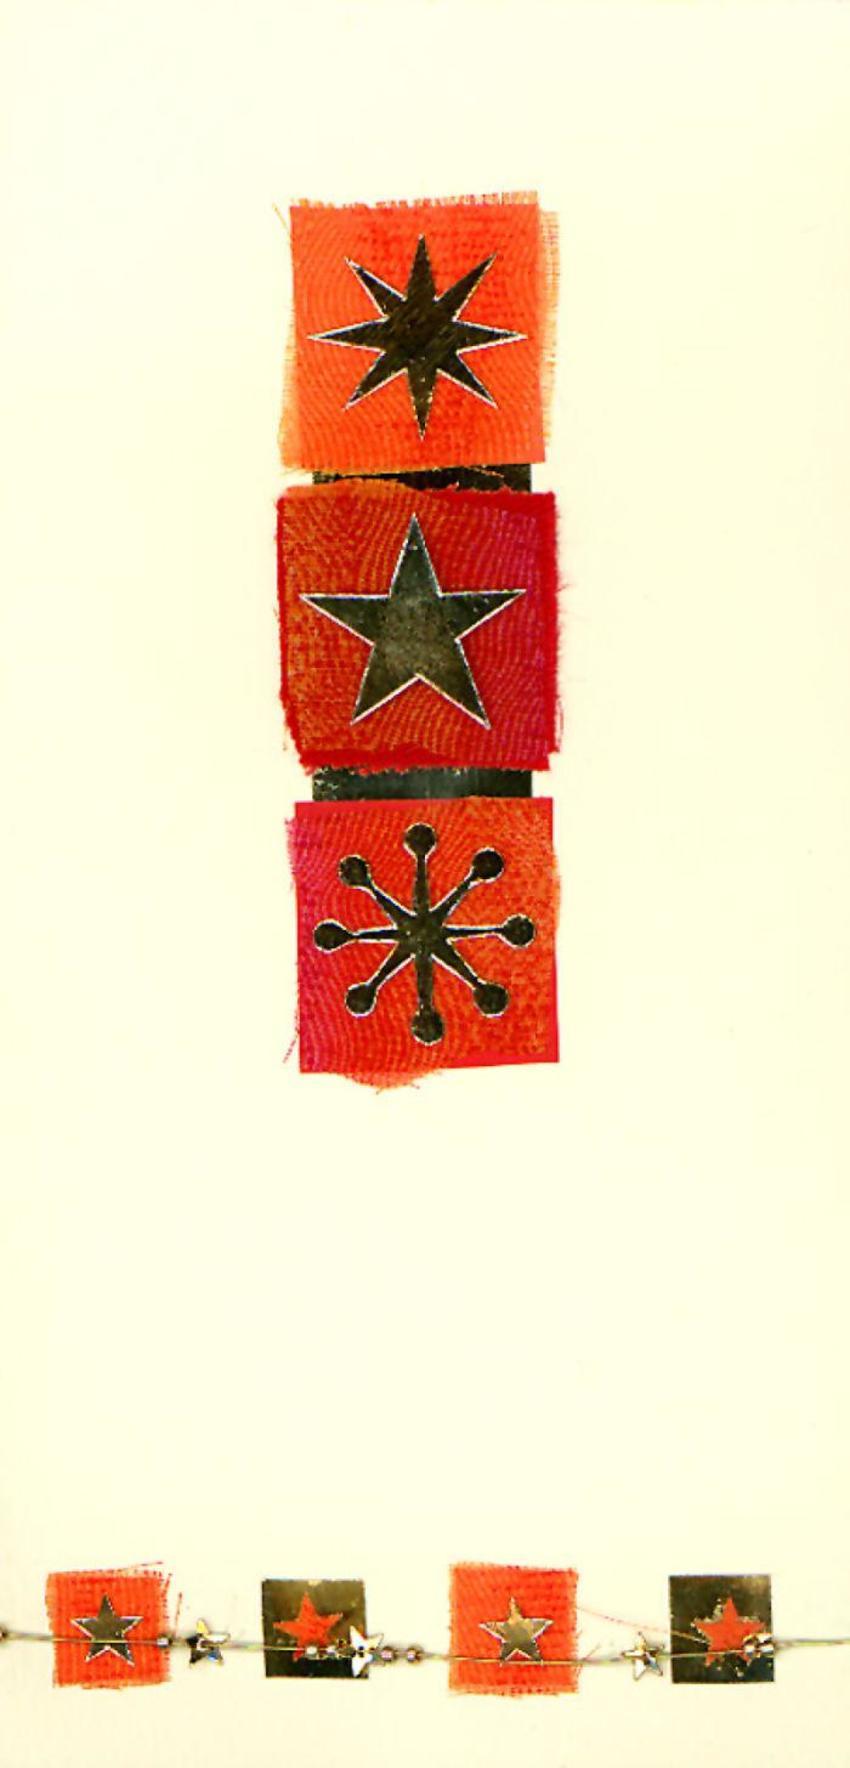 PD STARS.JPG